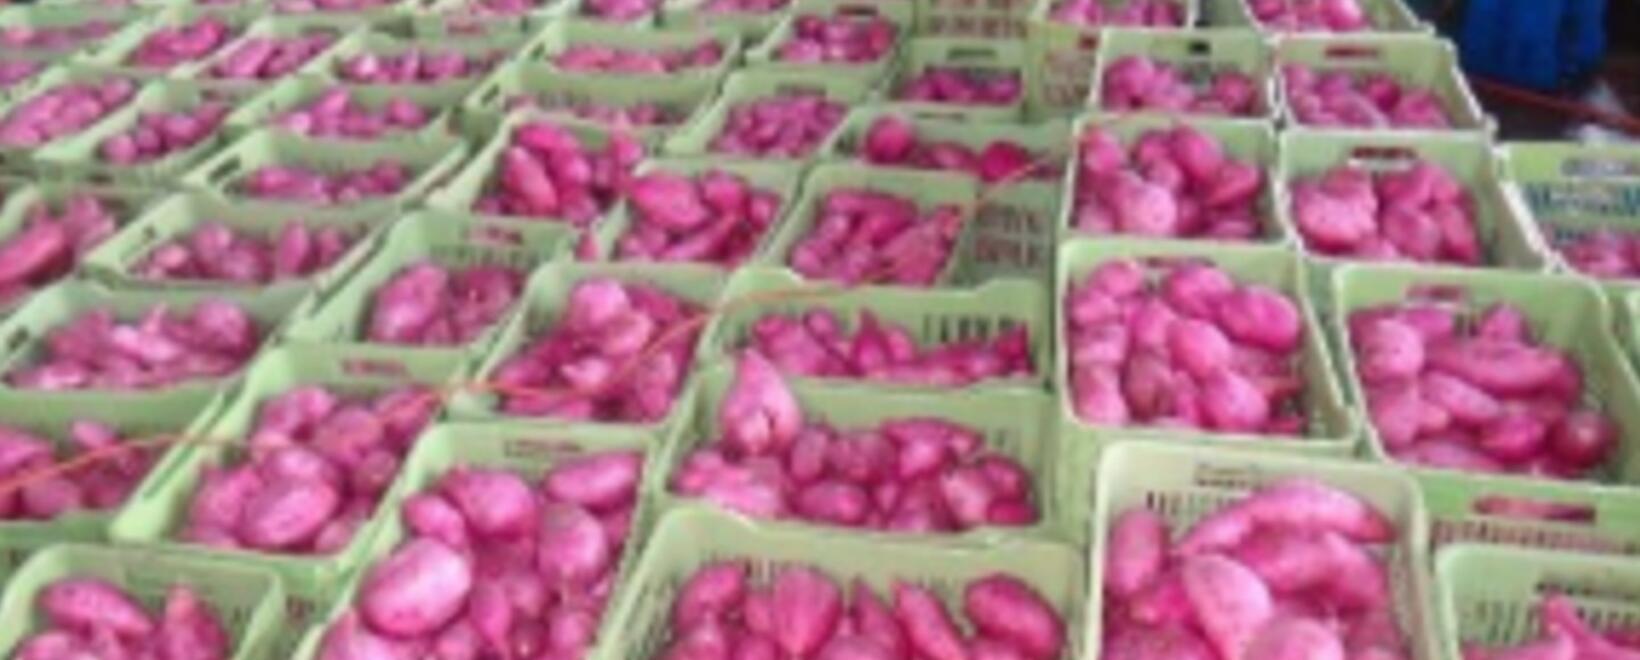 Este boletín es una guía rápida para el cultivo de frijol, que por su baja rentabilidad e inversión merece ser tratado con ciertos detalles.